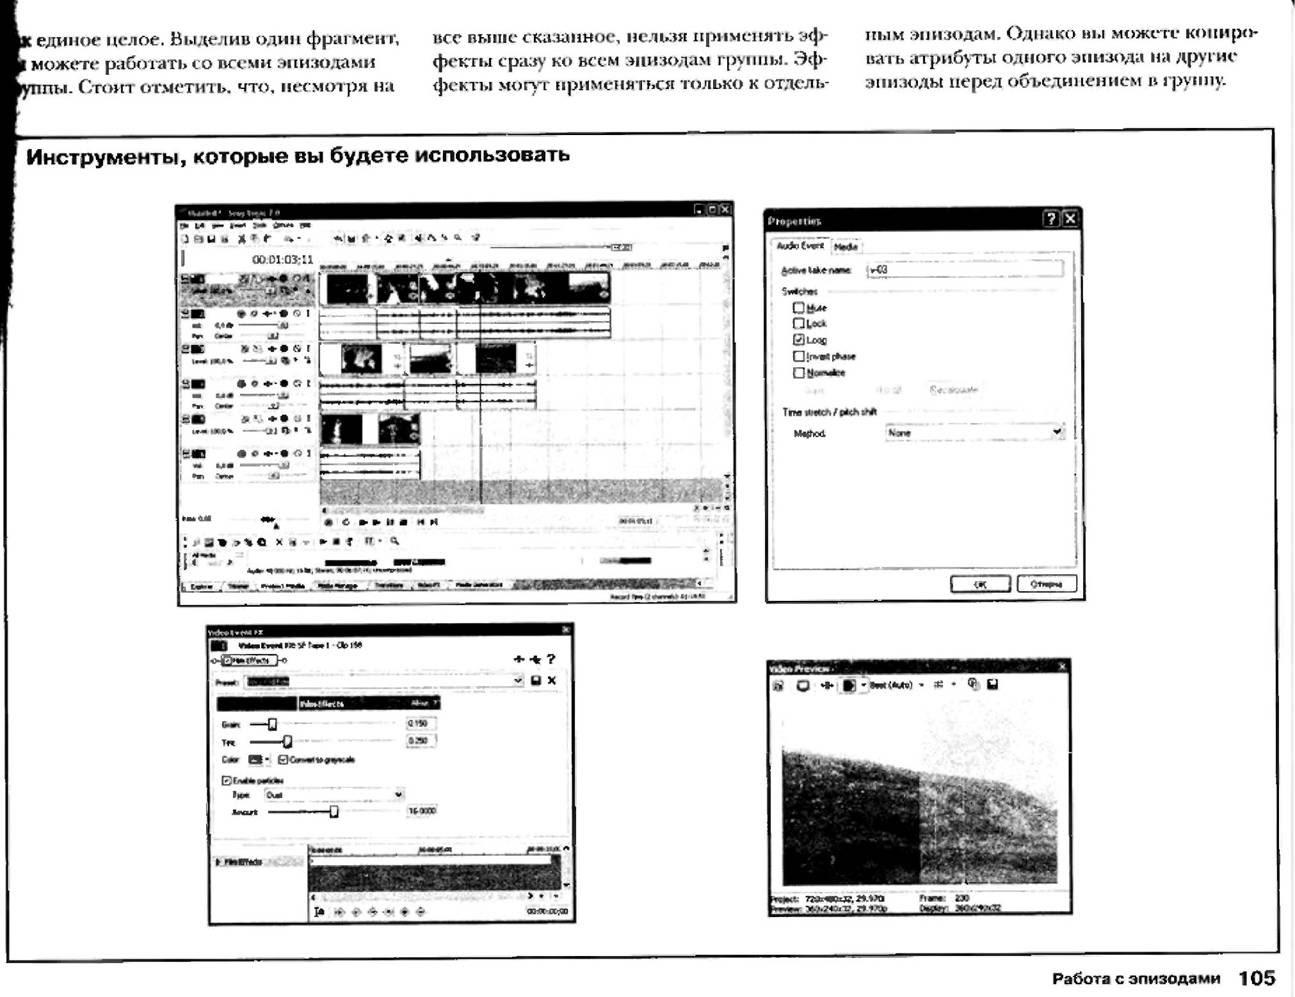 http://redaktori-uroki.3dn.ru/_ph/12/105094811.jpg